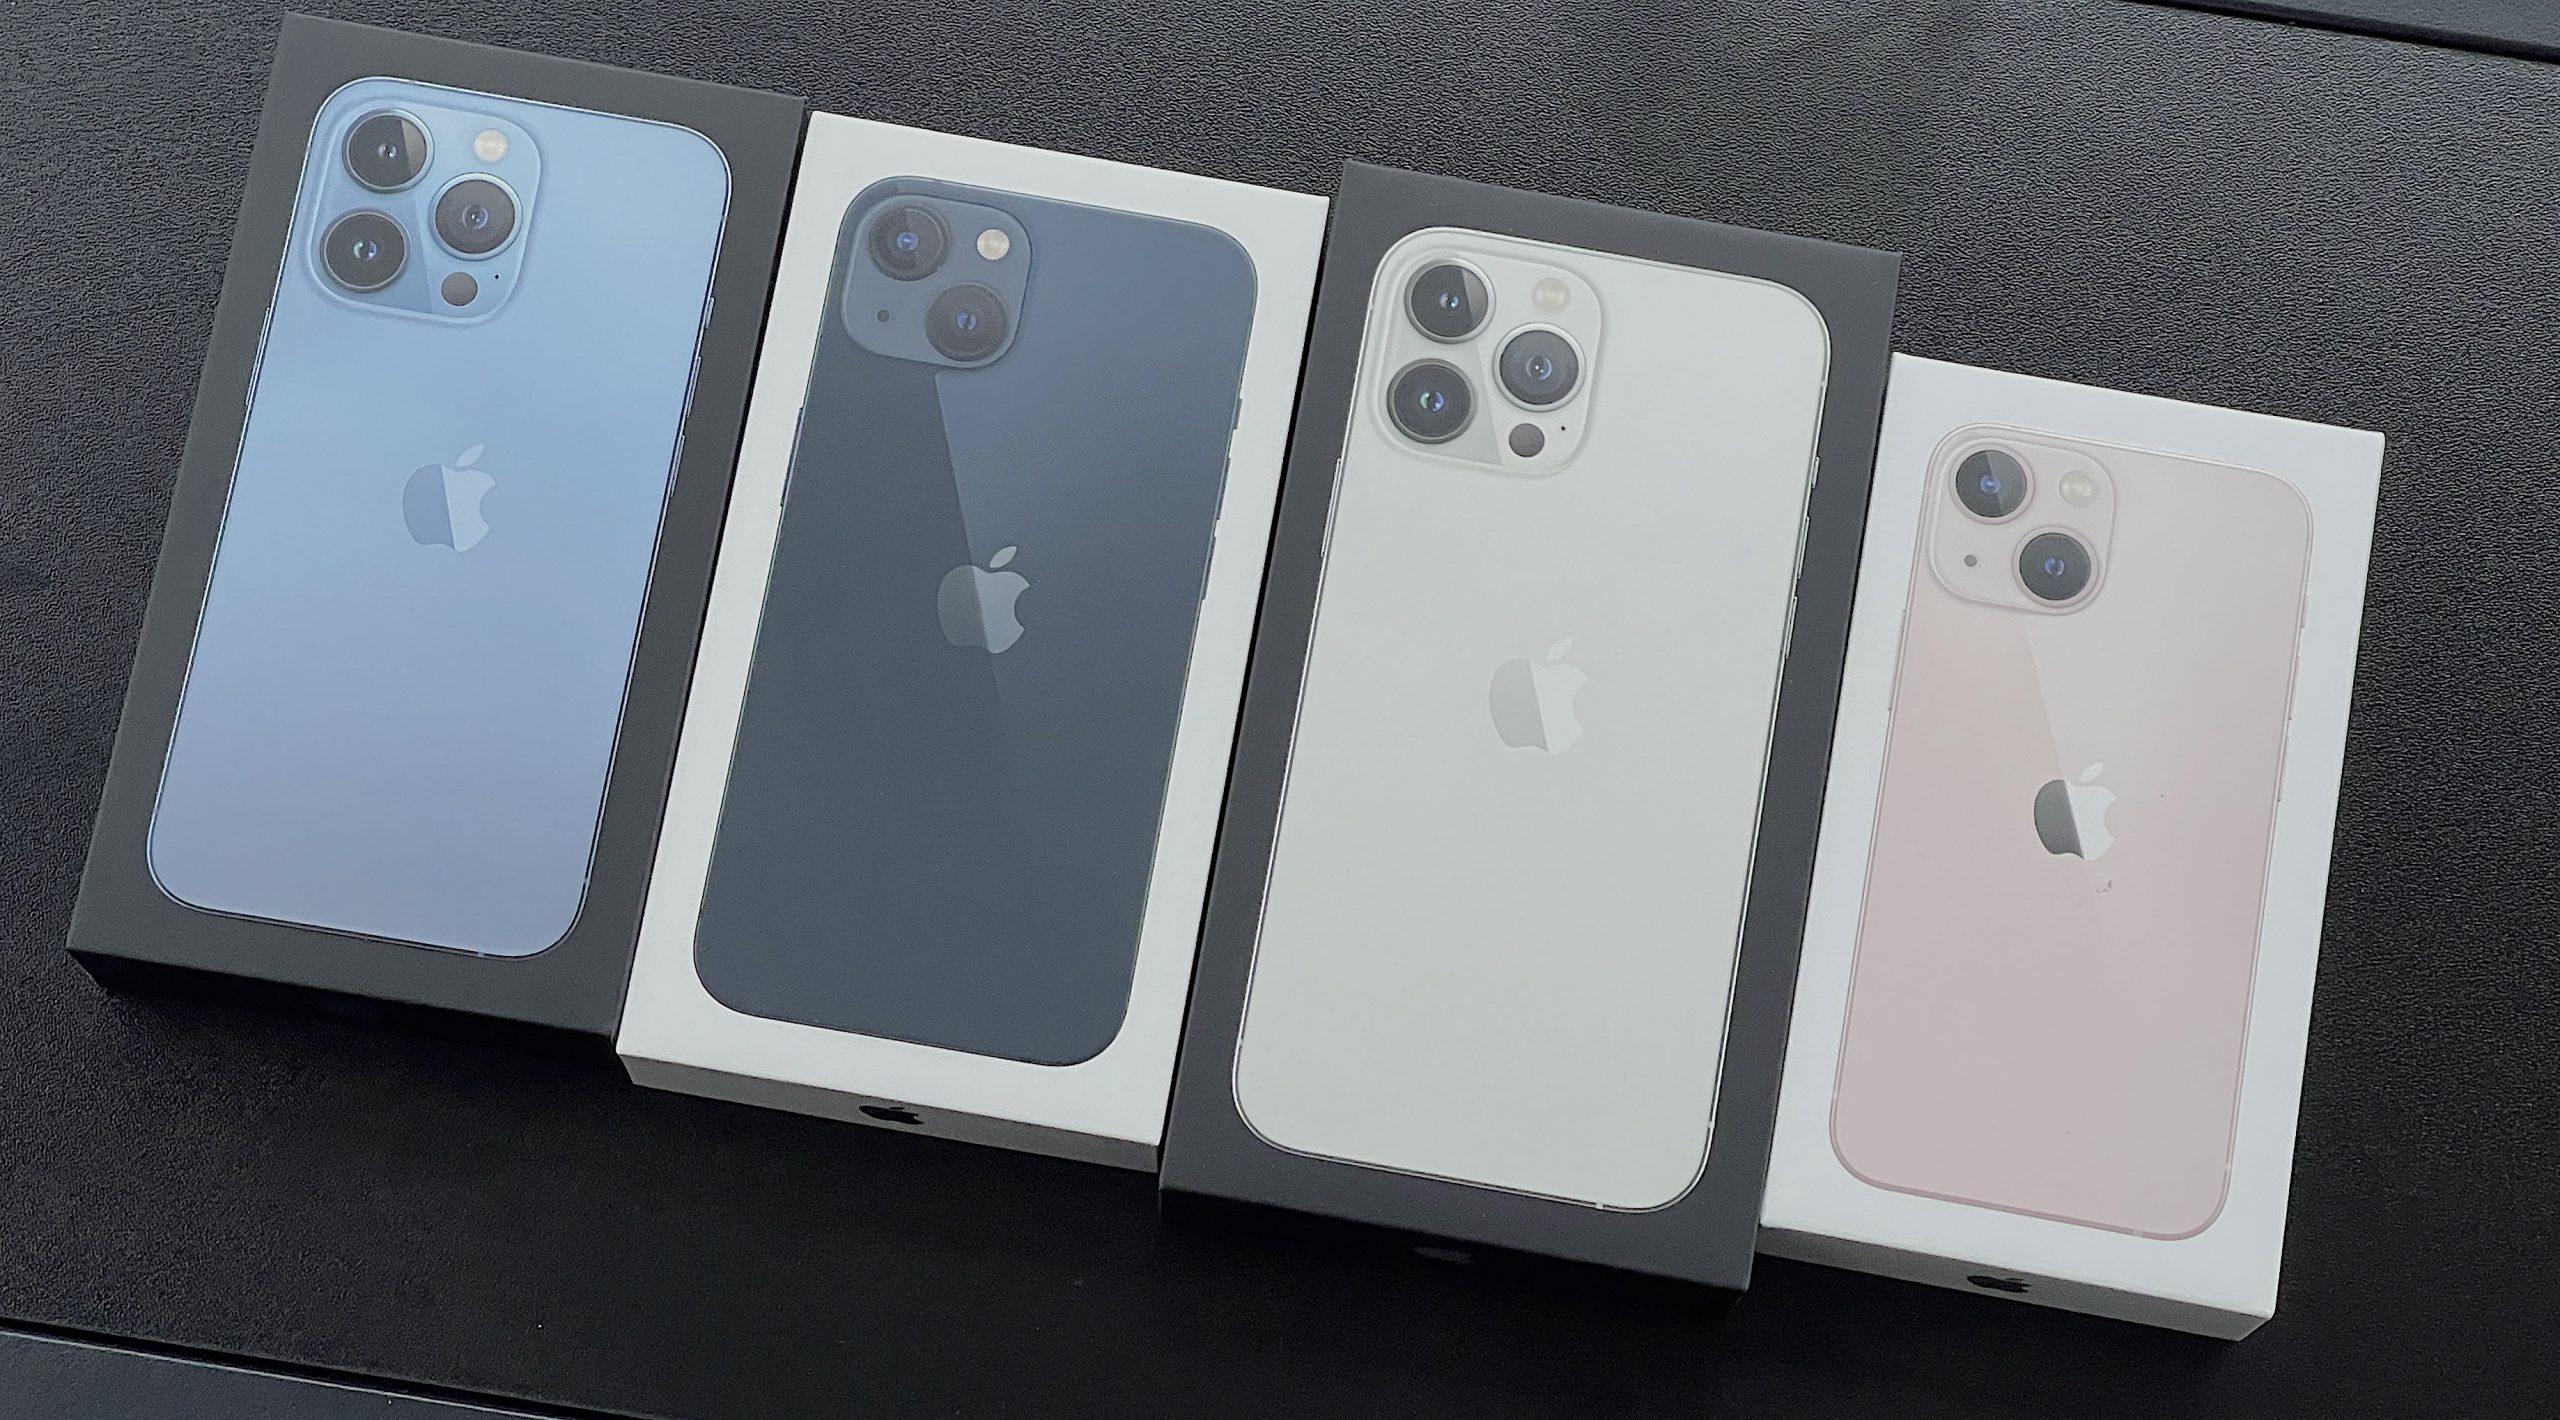 iPhone 13 -puhelinten myyntipakkausten päällä ei ole enää muovikääreitä.